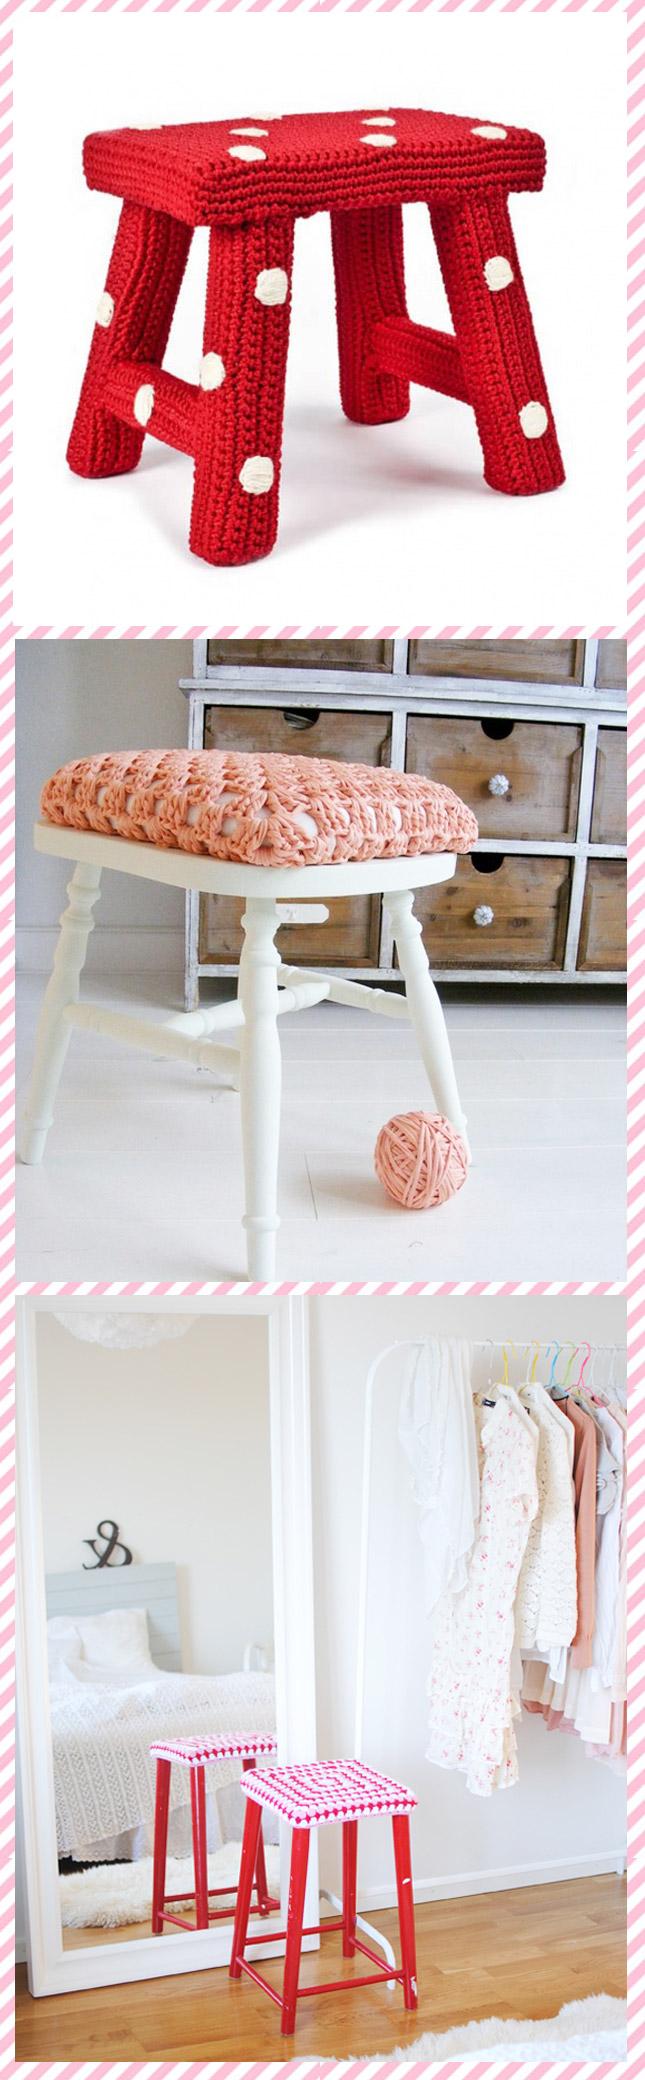 decoradornet-banquinho-croche-3